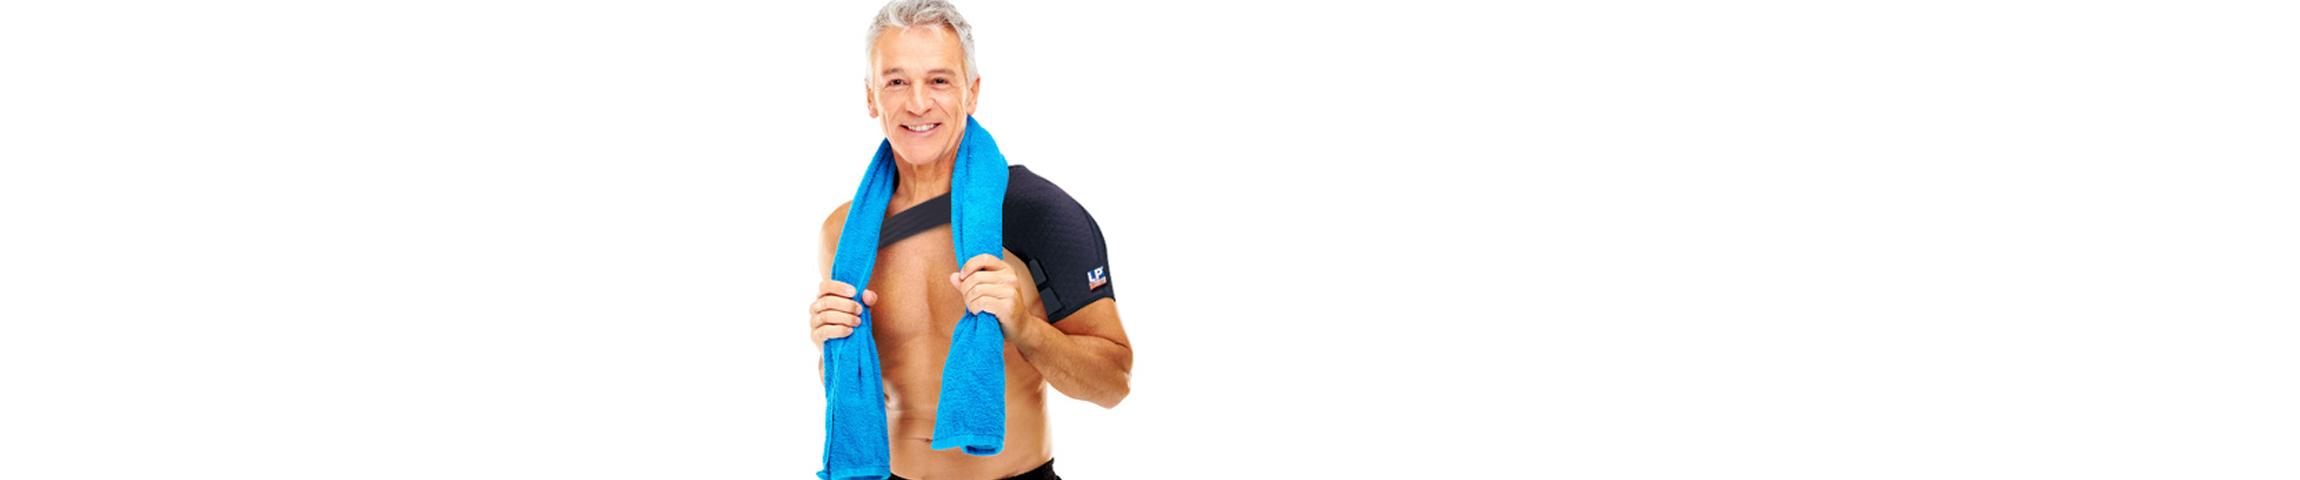 Beweglich bleiben - Bandagen schützen die Gelenke